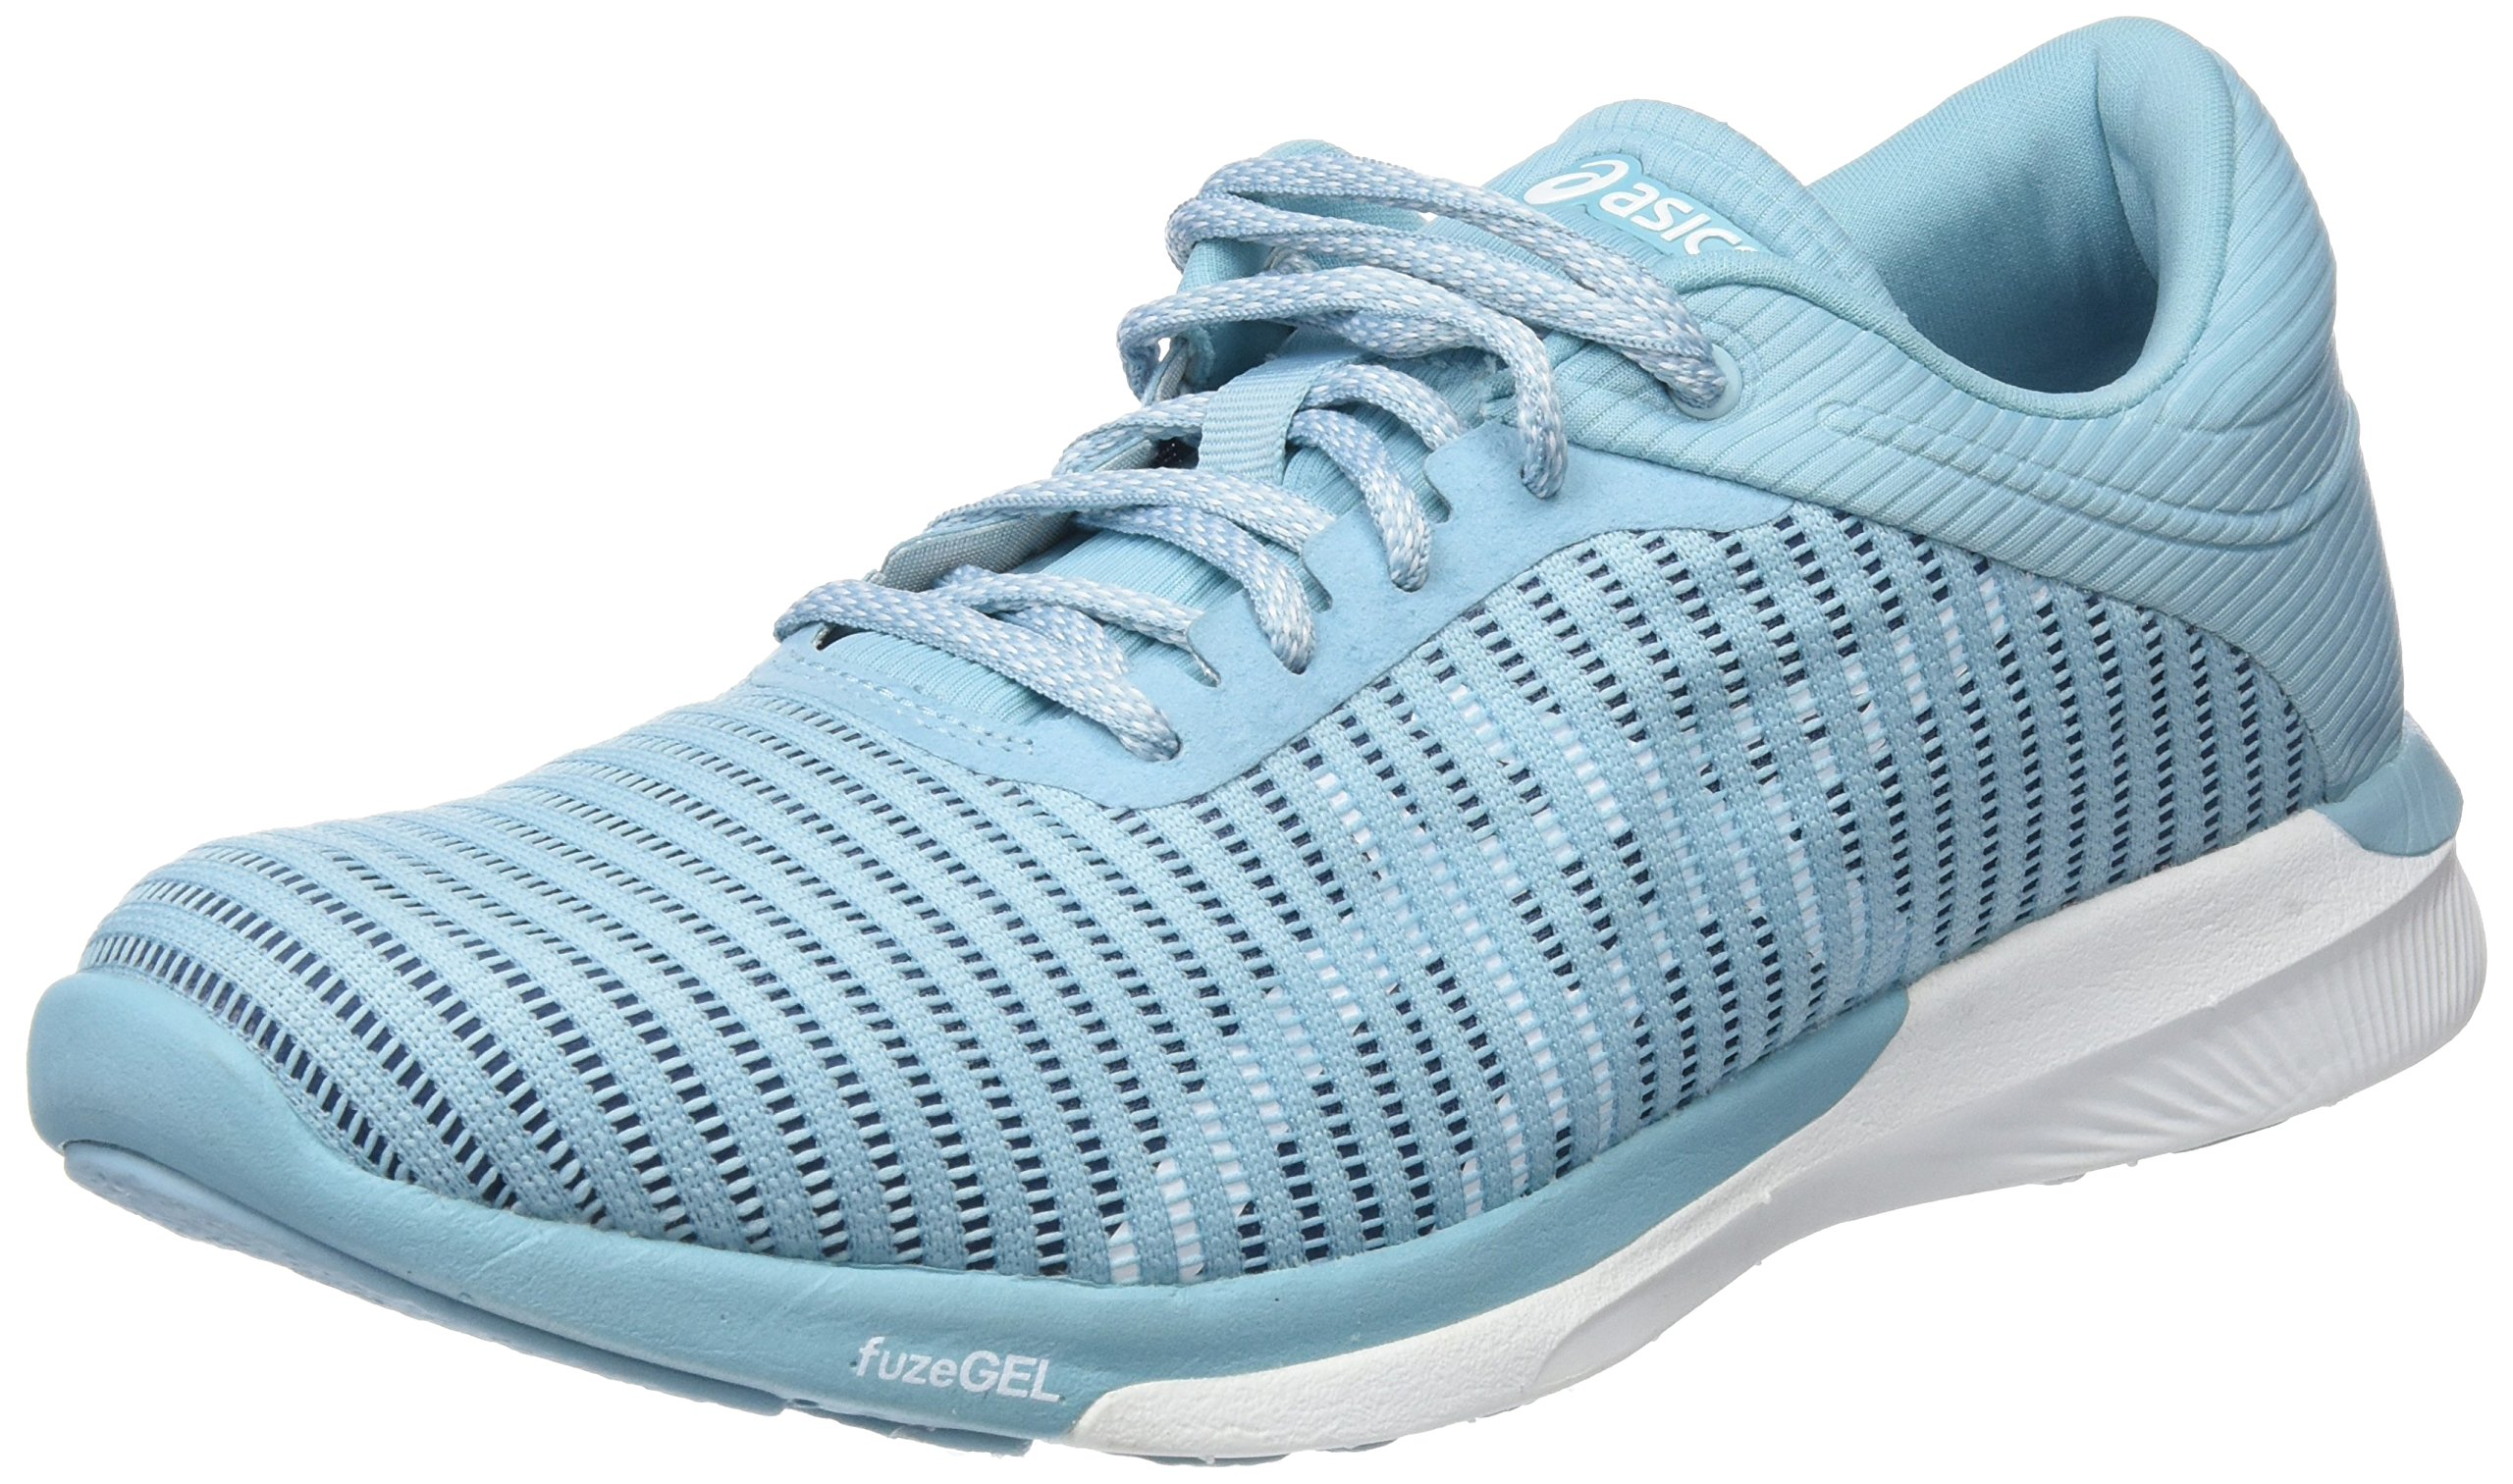 Fuzex Blue De 140140 FemmeBleuporcelain smoke White Rush Eu AdaptChaussures Running Compétition Asics dChQxtsr